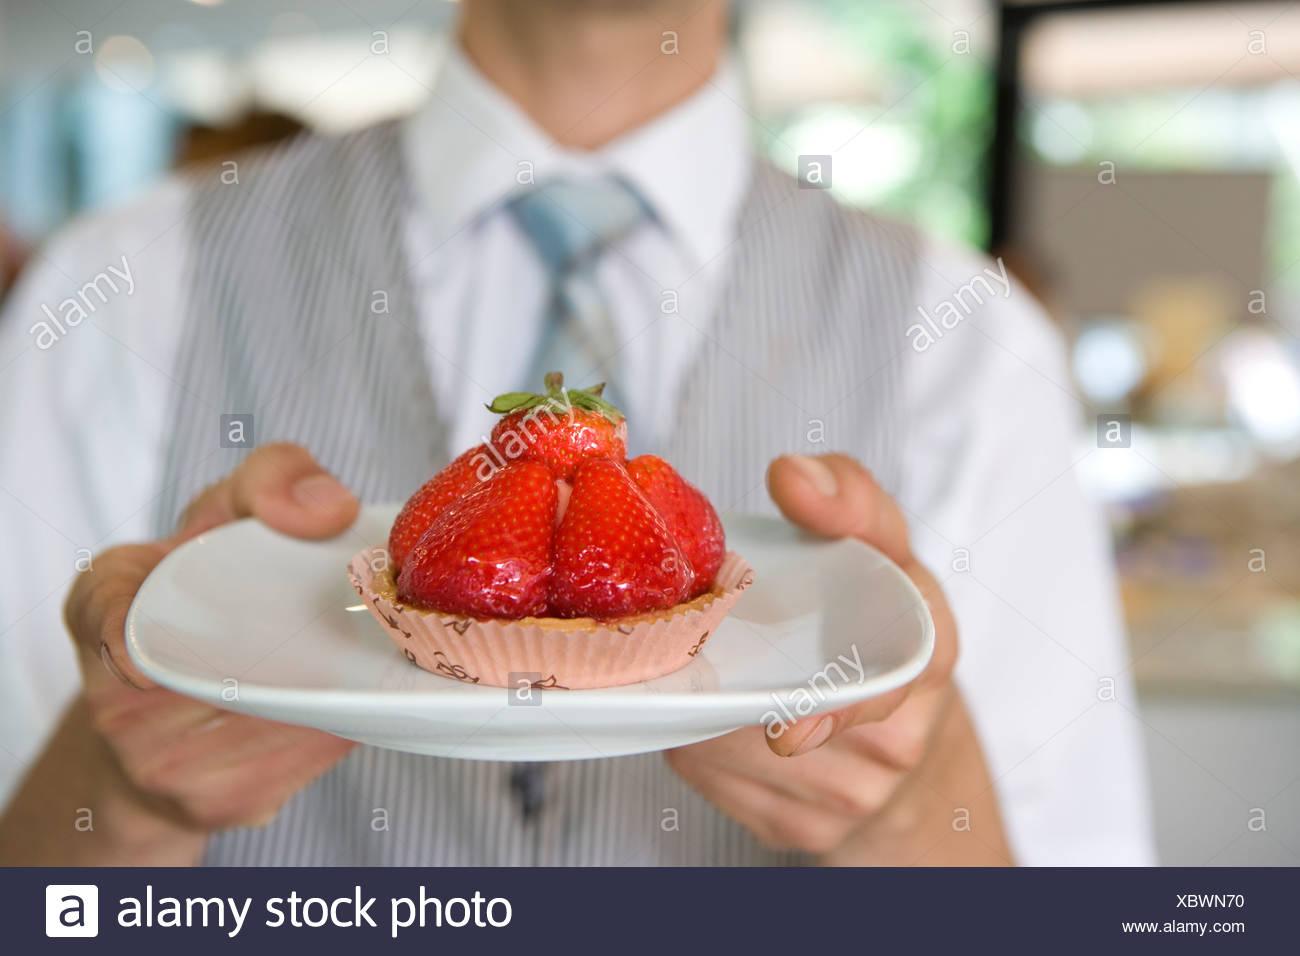 Cameriere con torta di fragole, close-up di tart Immagini Stock